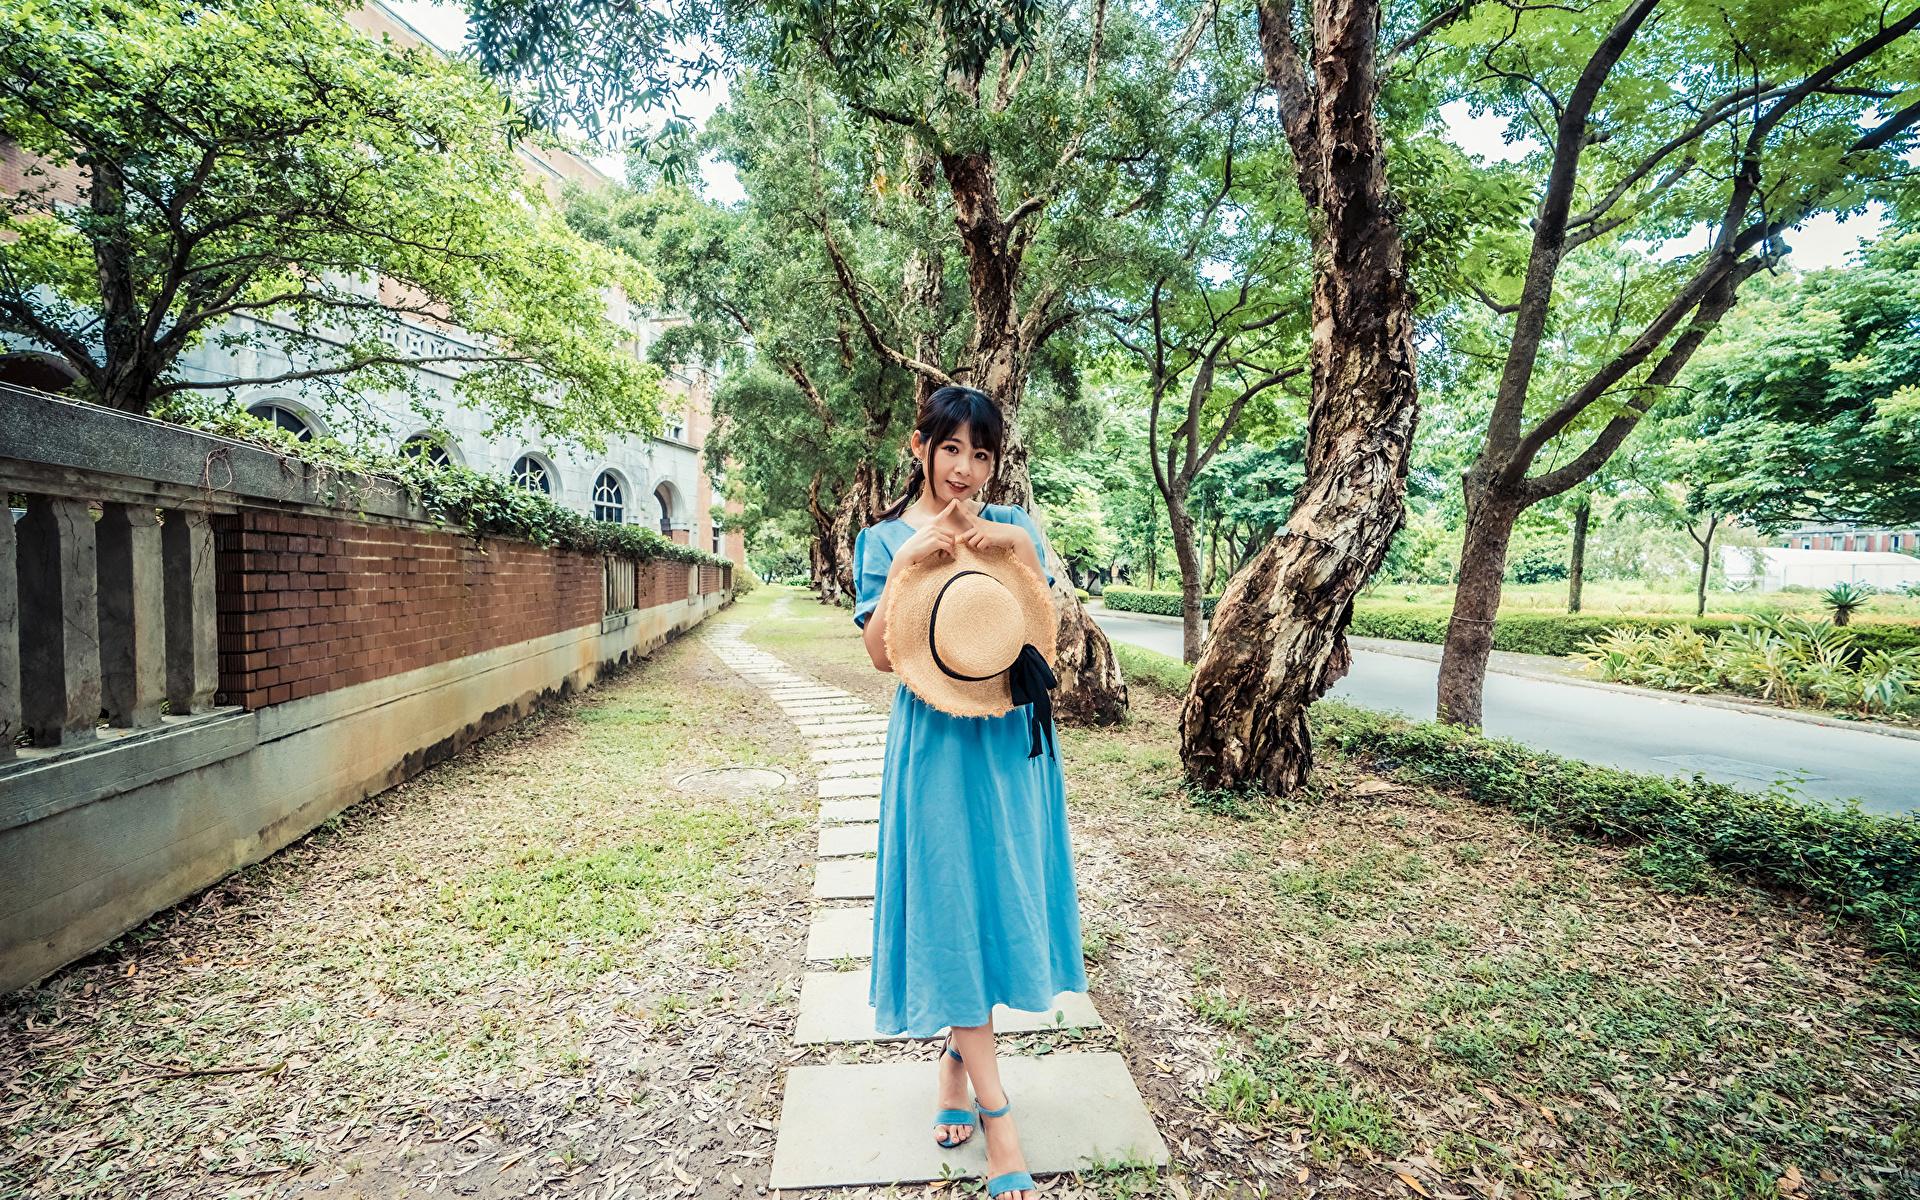 Фото Шляпа молодая женщина азиатки смотрит платья 1920x1200 шляпы шляпе девушка Девушки молодые женщины Азиаты азиатка Взгляд смотрят Платье